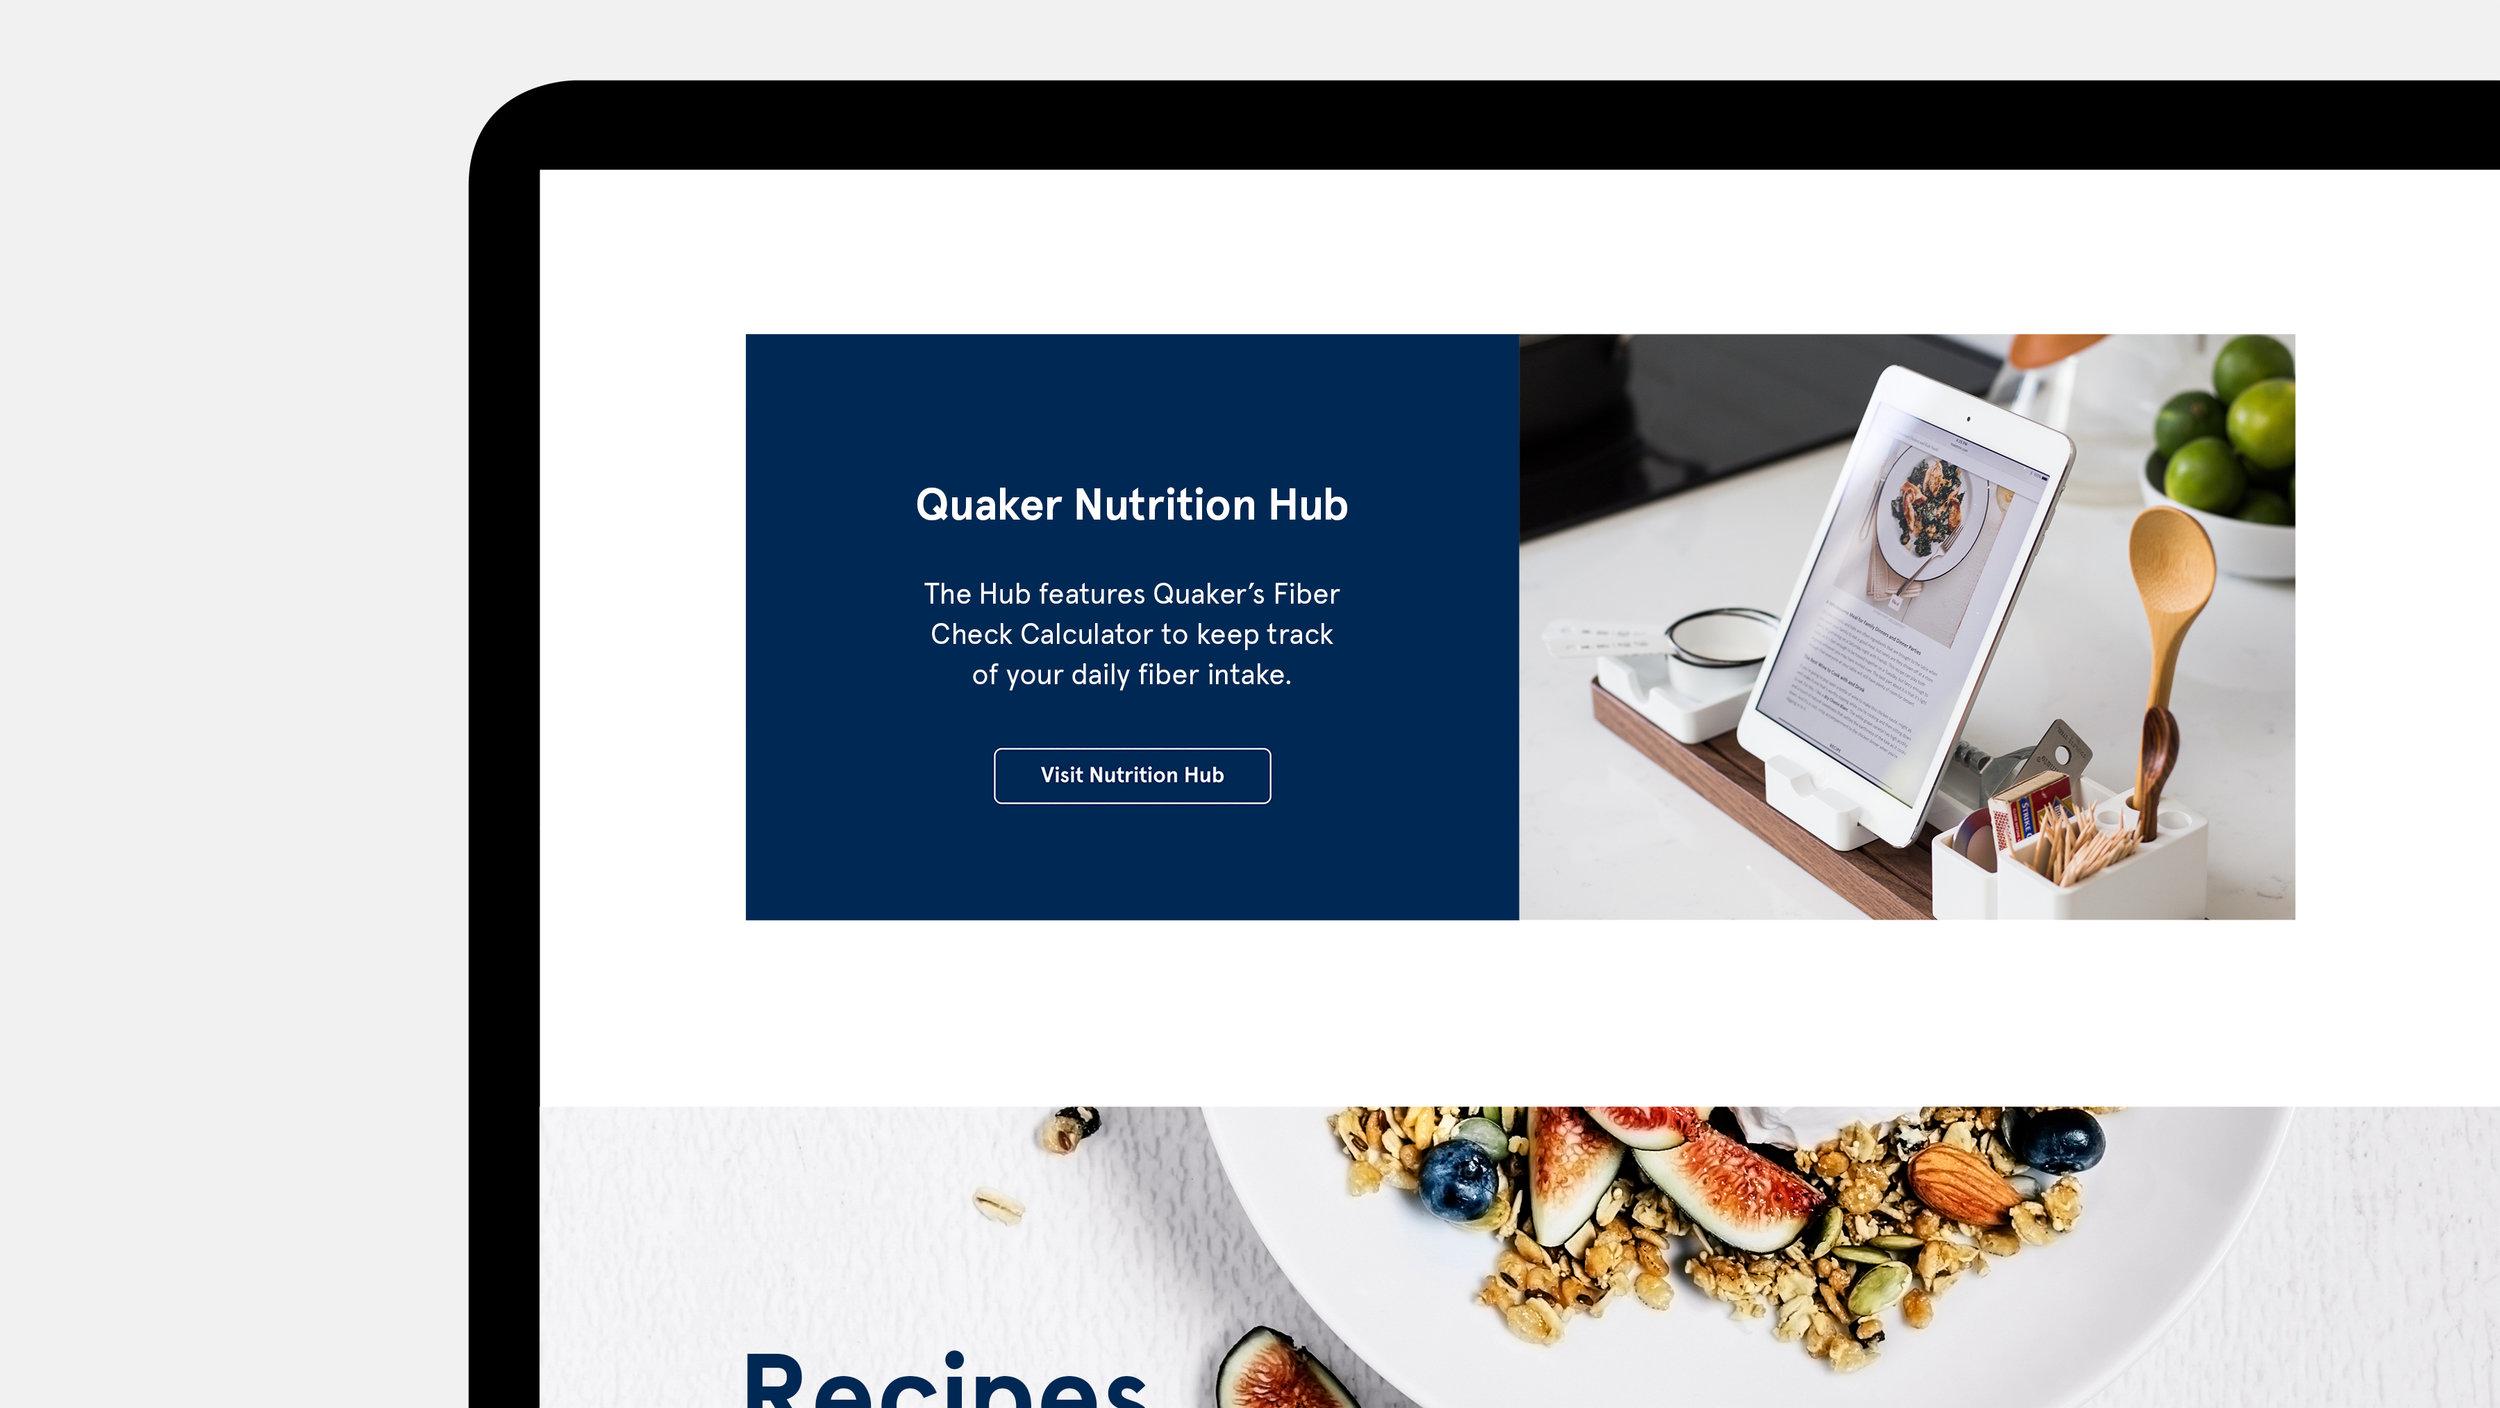 Quaker-BrandTransformation_03.jpg